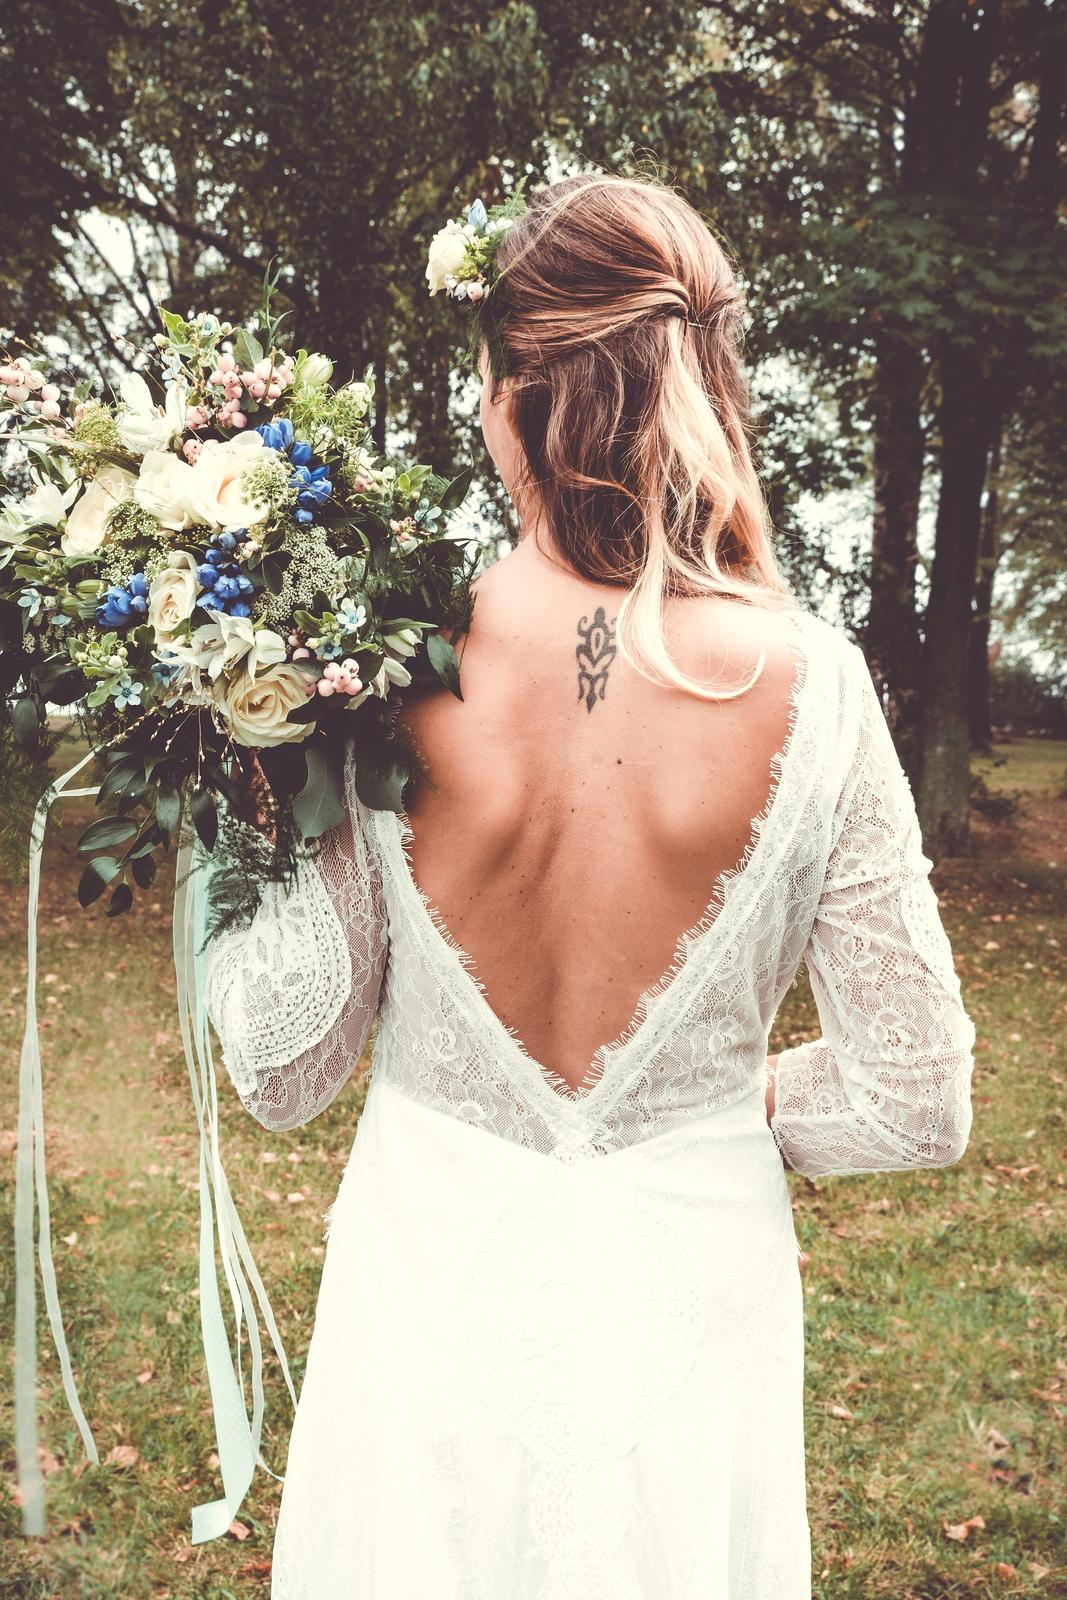 svatební šaty boho styl - Obrázek č. 3